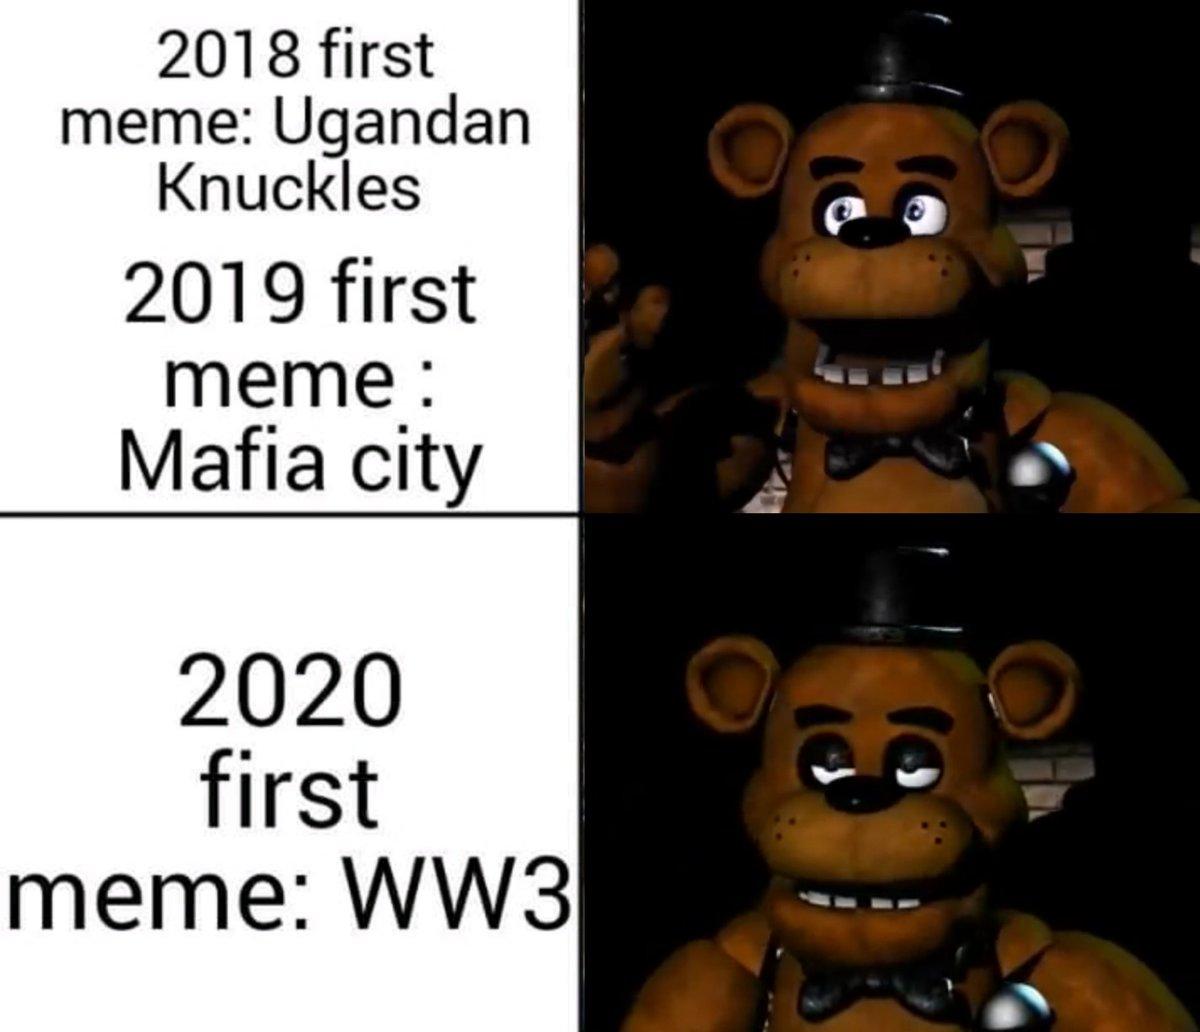 Fazbear Memes On Twitter The Sigh Freddy Is Fazbear Year S